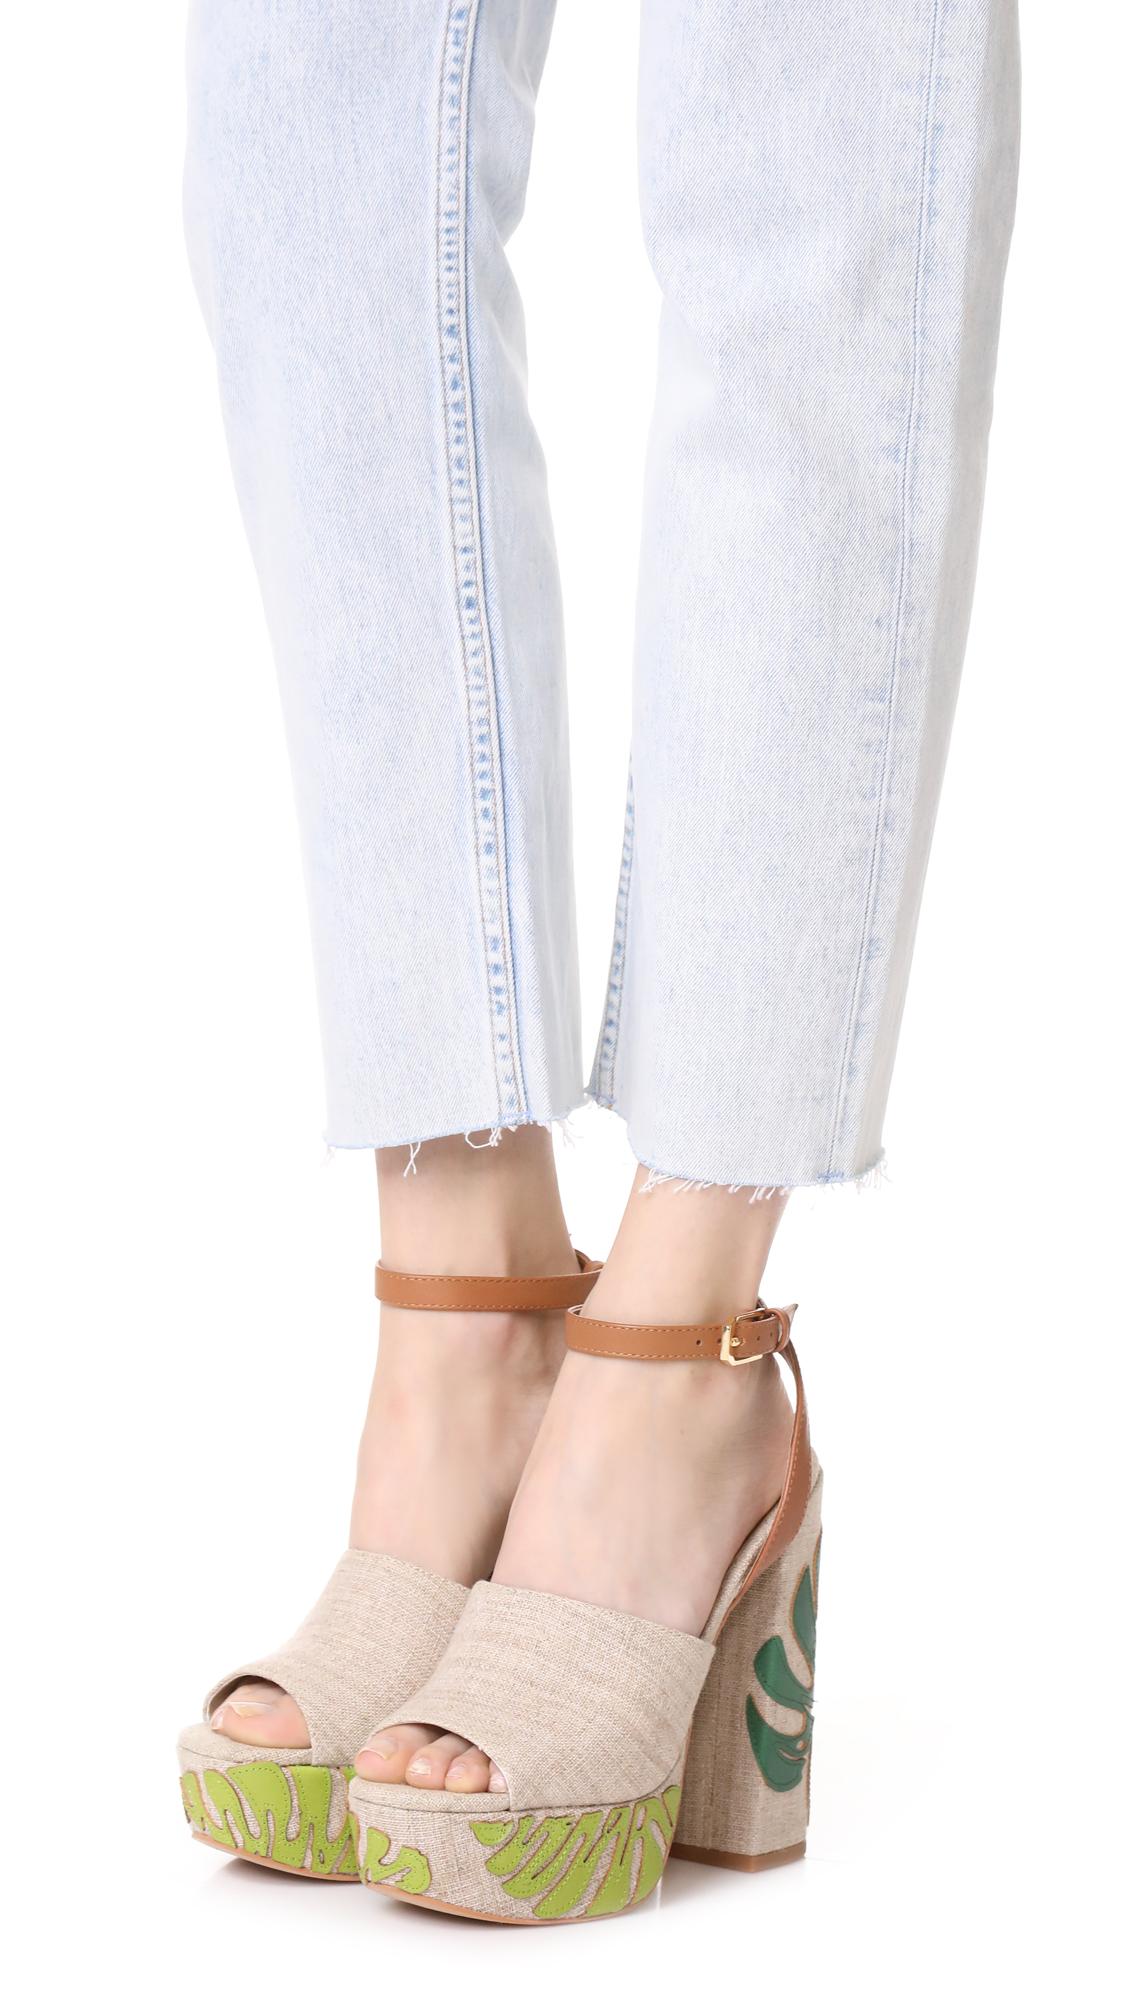 0e09890df7e0 Dolce Vita Lando Platform Sandals